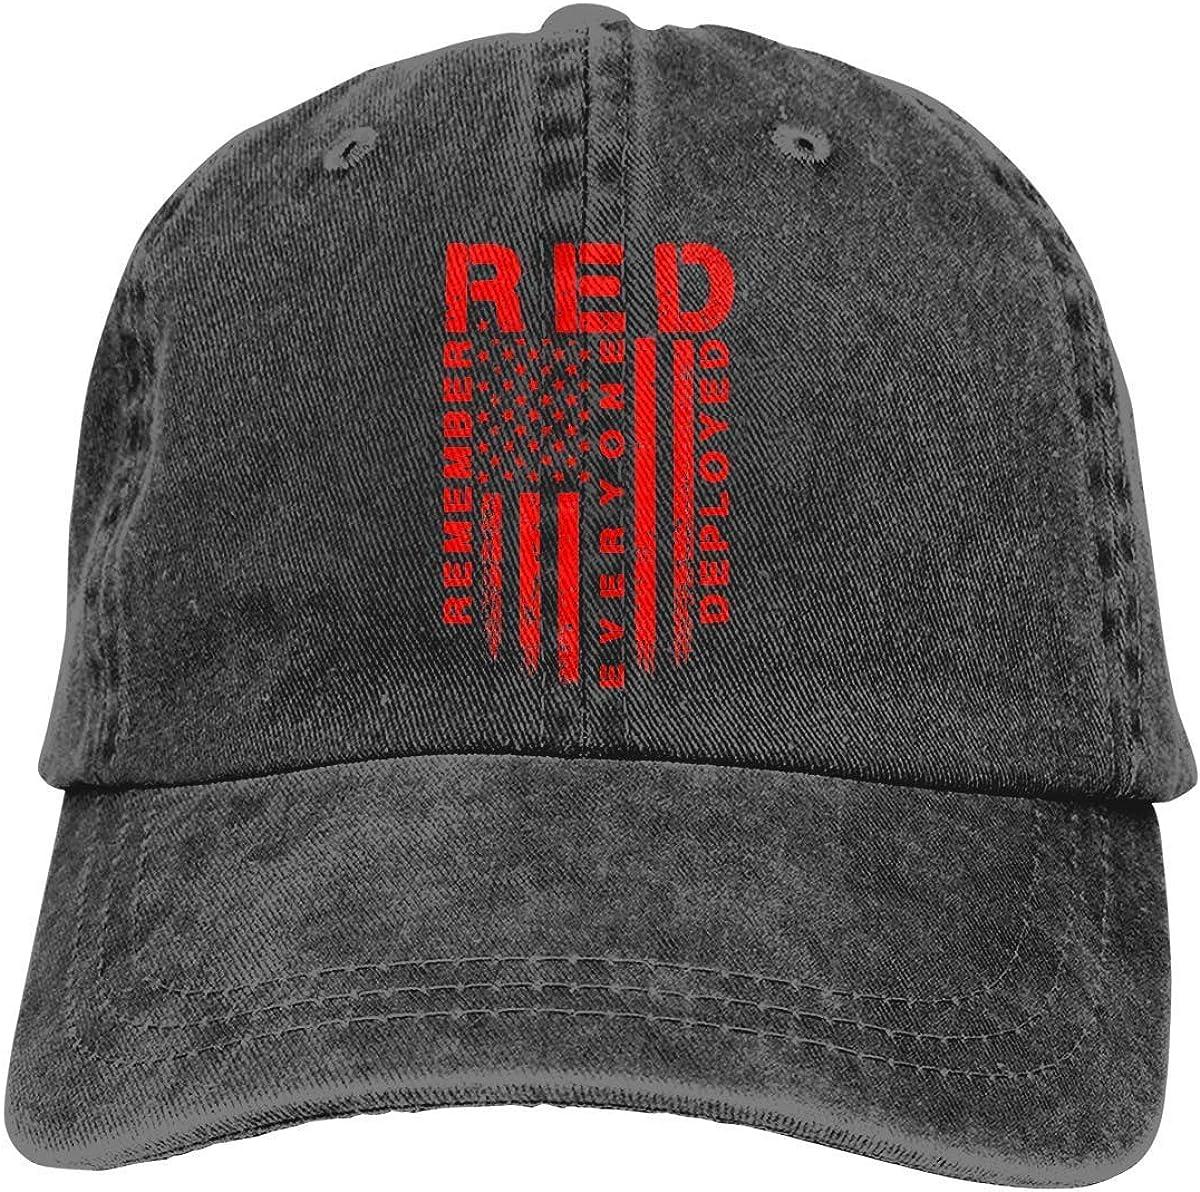 Sdltkhy Red Friday - Gorra de béisbol ajustable para hombre y mujer, diseño de bandera americana